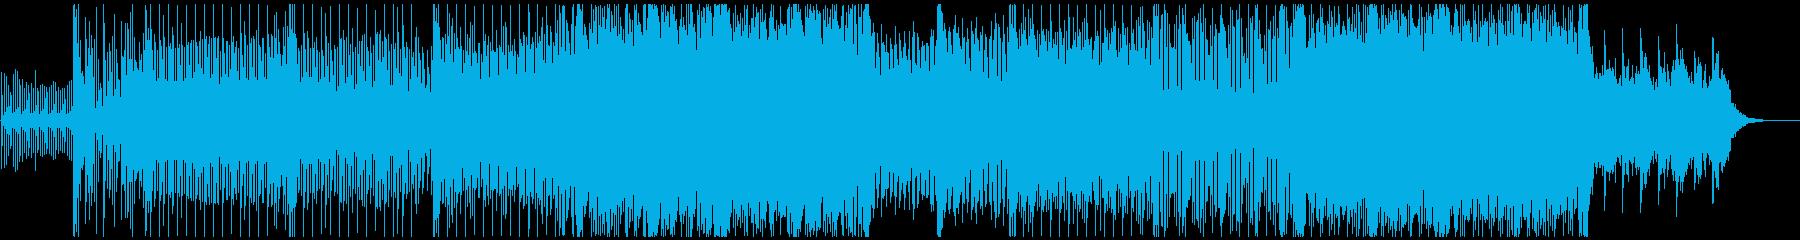 フレンチポップテイストの軽快なテクノの再生済みの波形